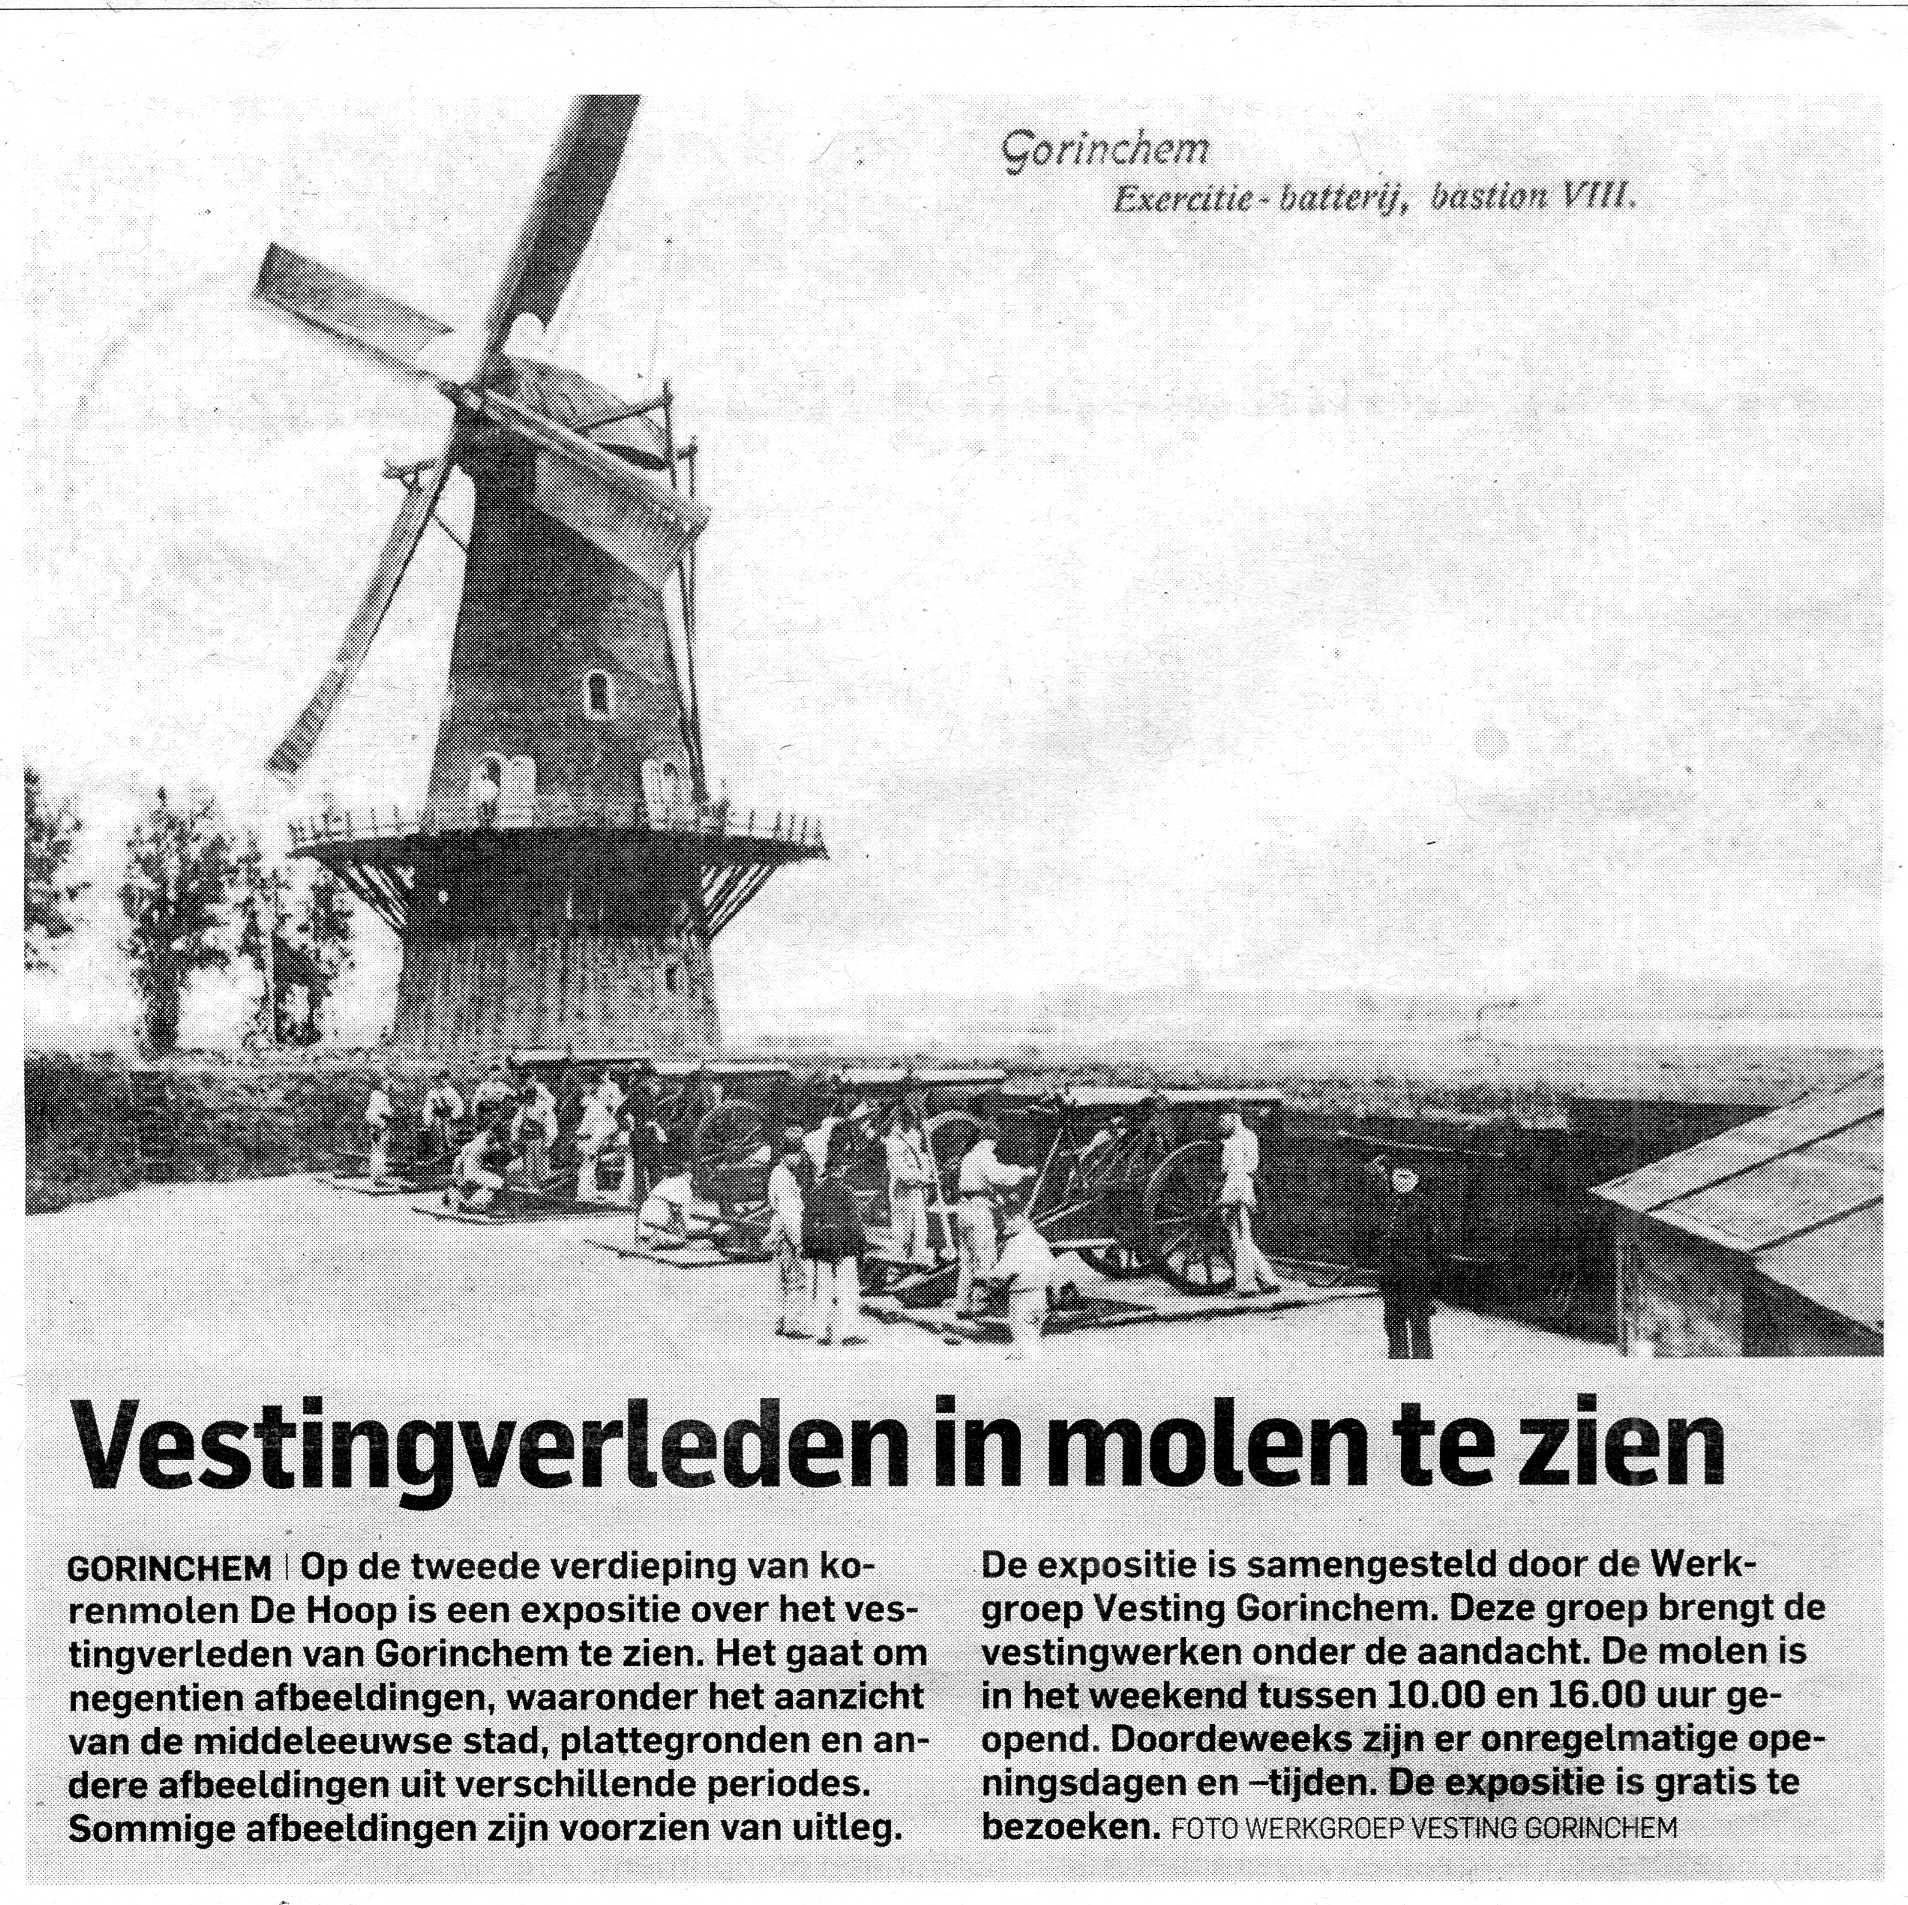 Werkgroep Vesting Gorinchem expositie De Hoop AD donderdag 3 maart